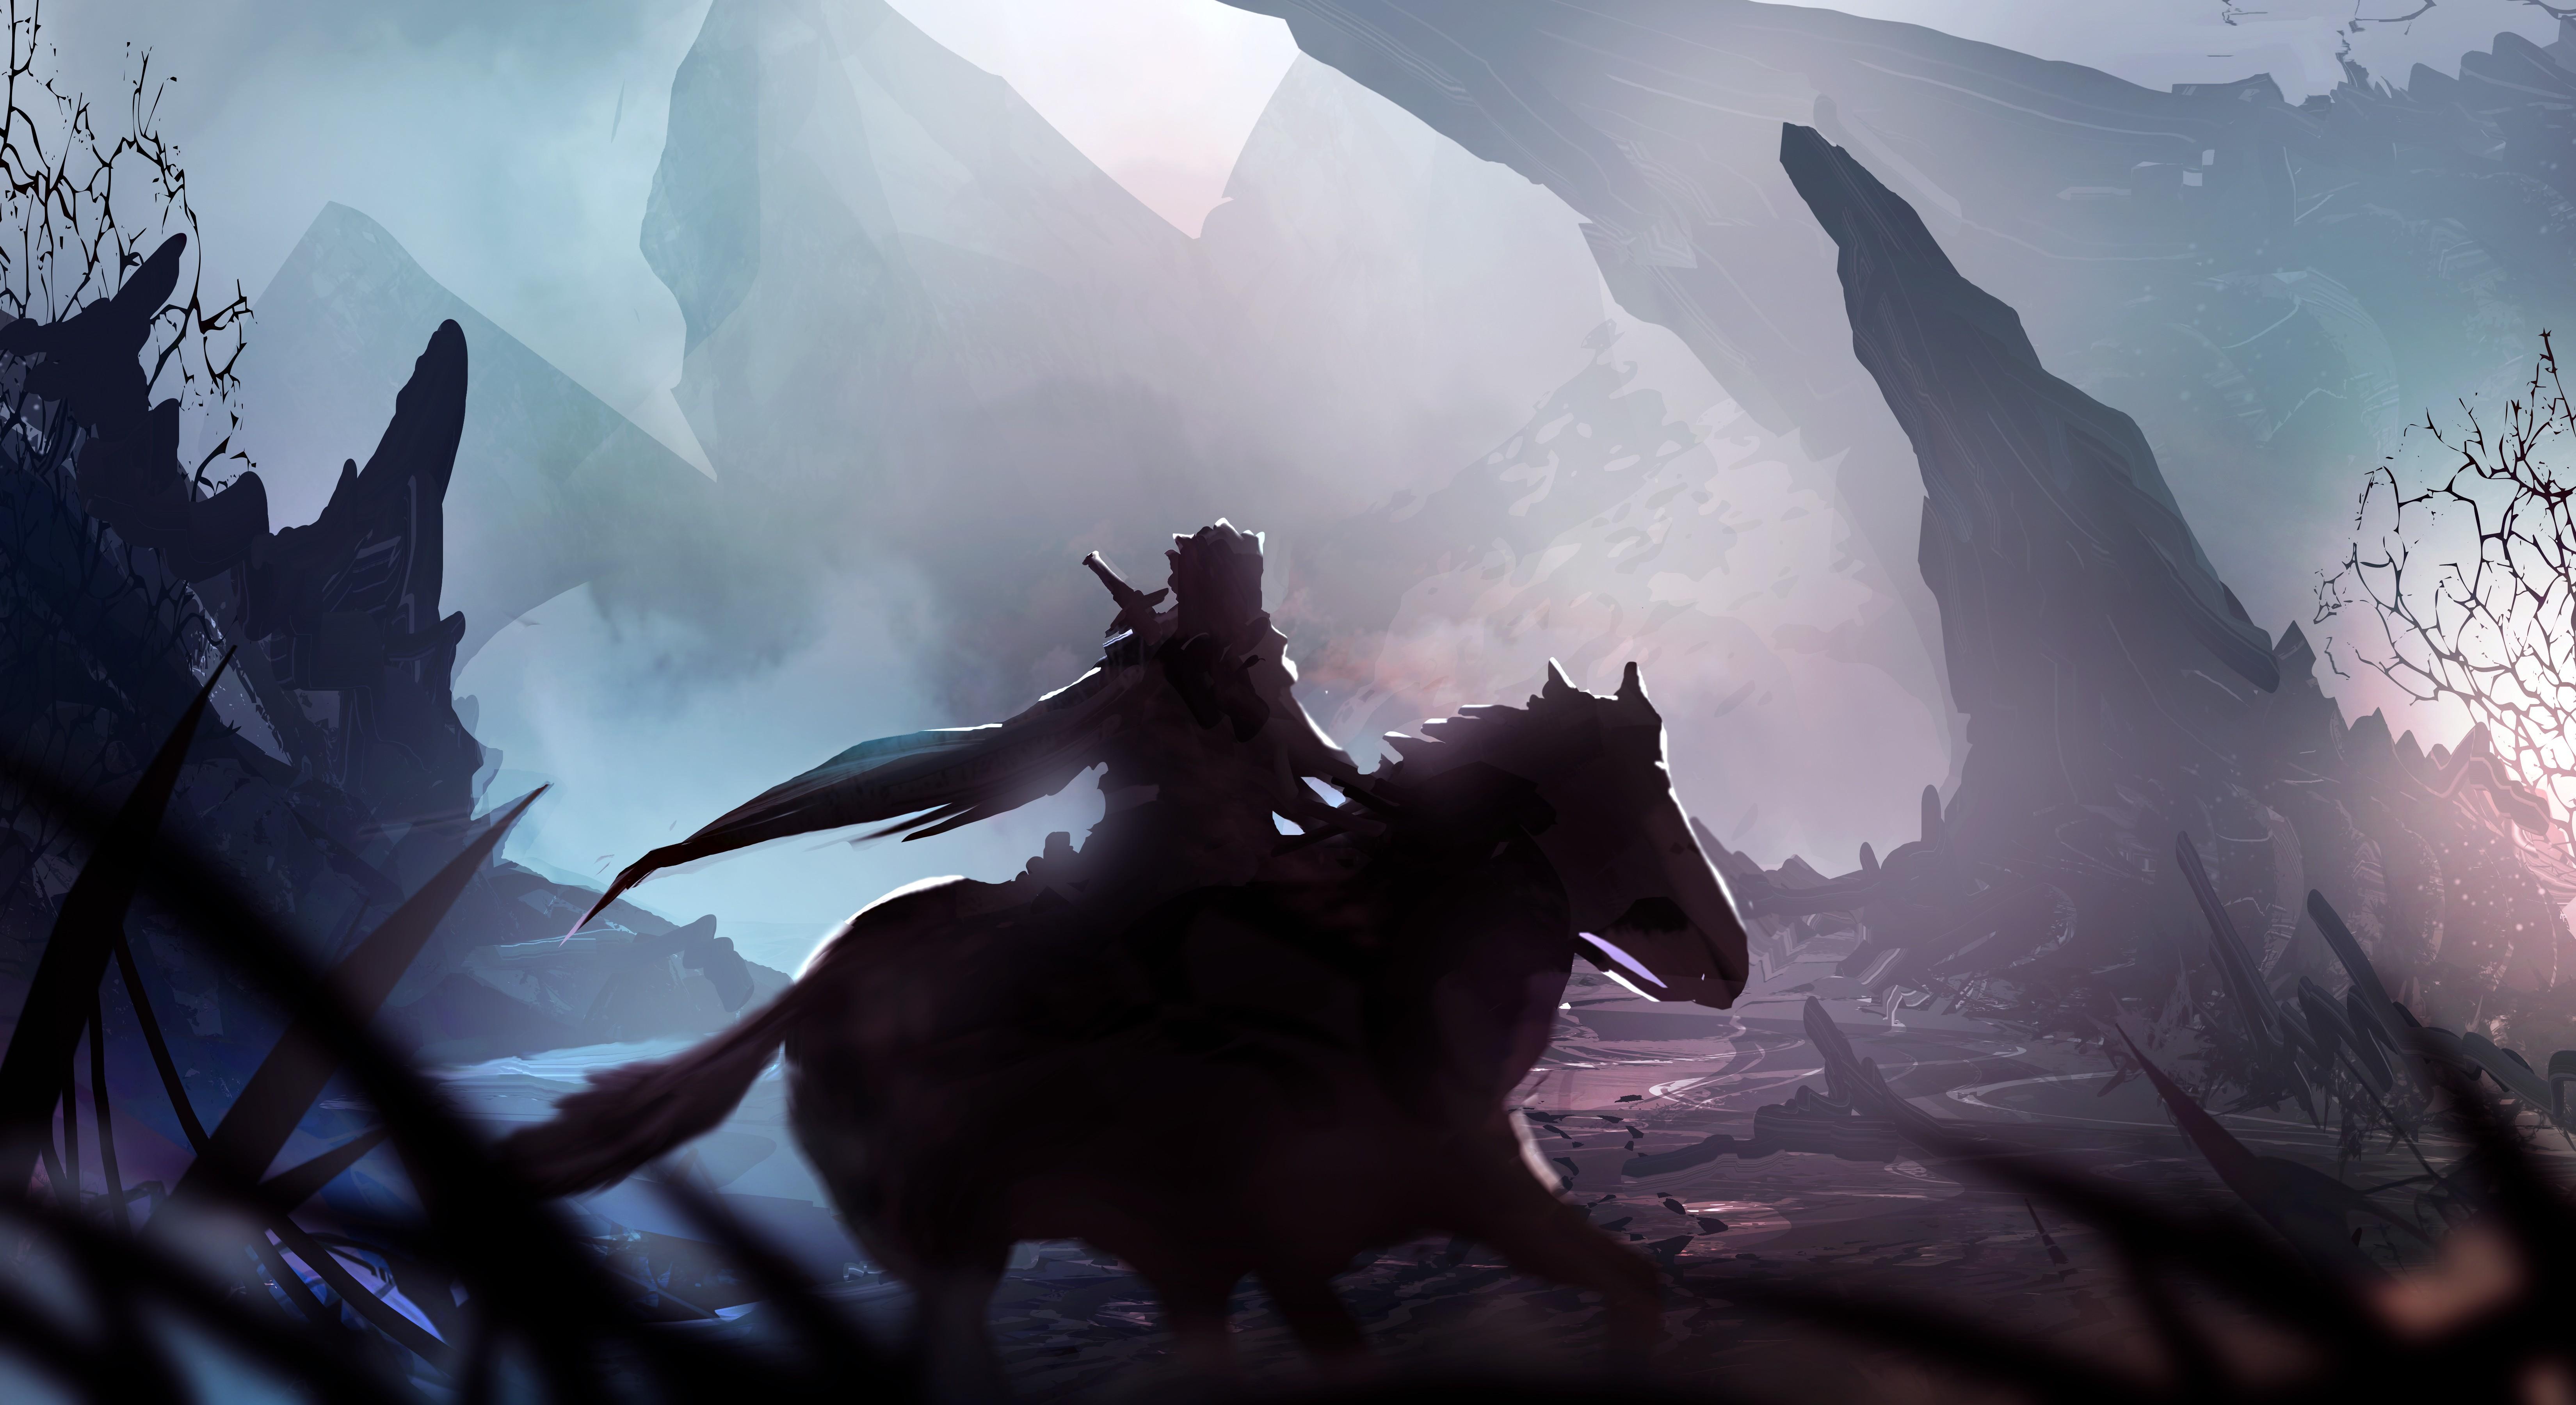 Lightning 3d Wallpaper Warrior Loneliness Hero Fantasy Art Mist Horse Rock